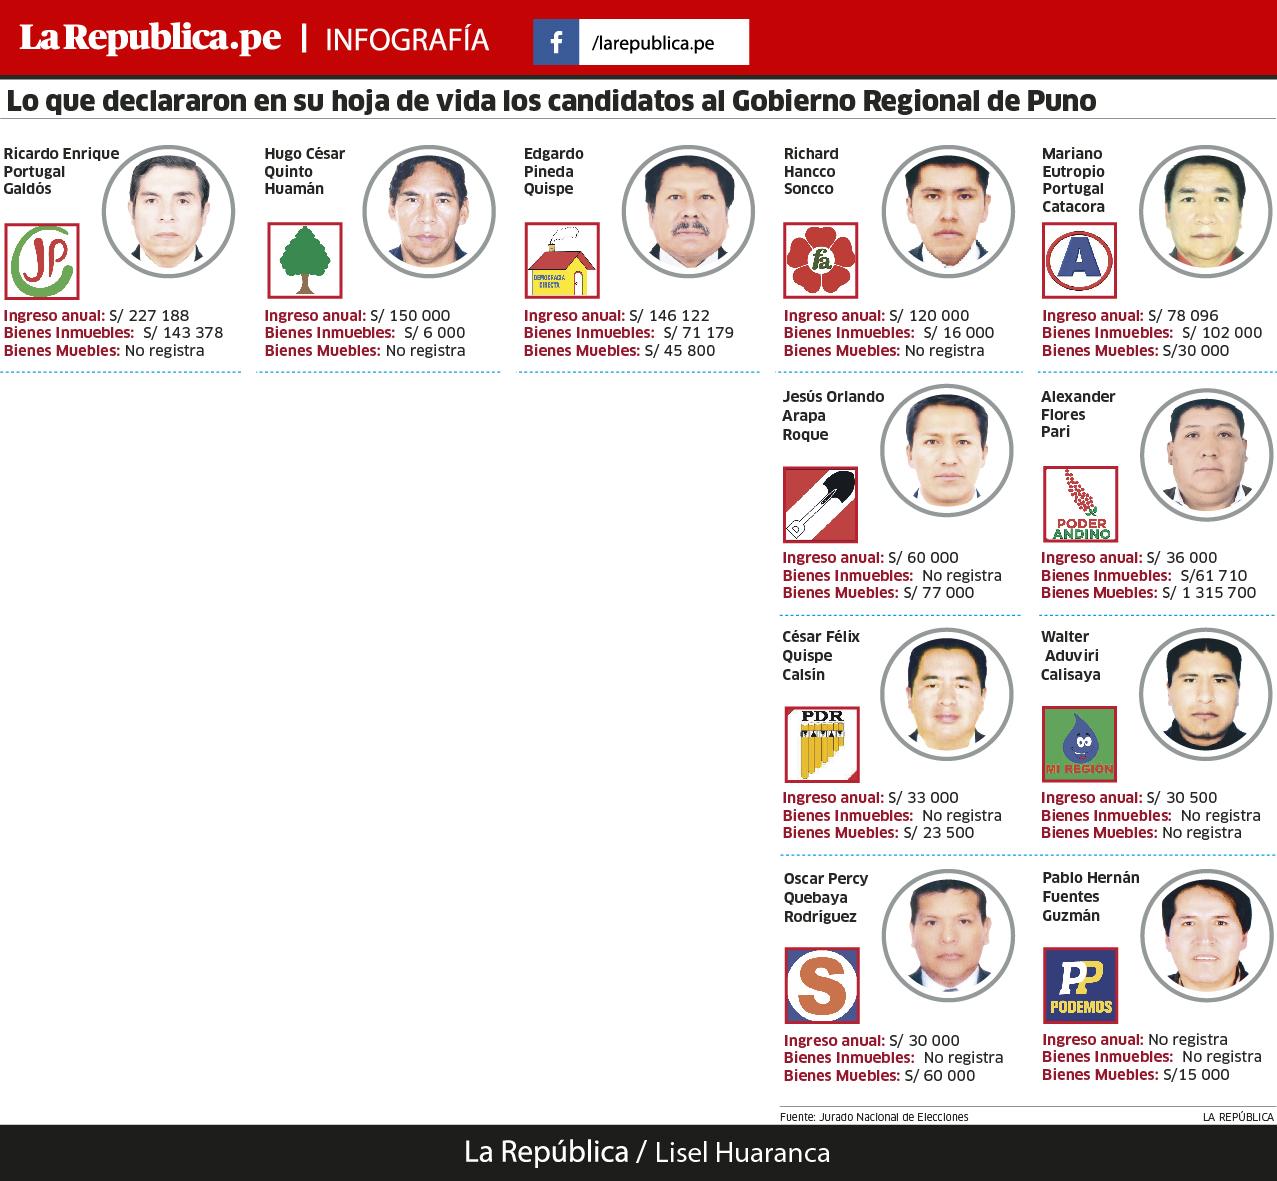 Bienes e ingresos de los candidatos de Puno